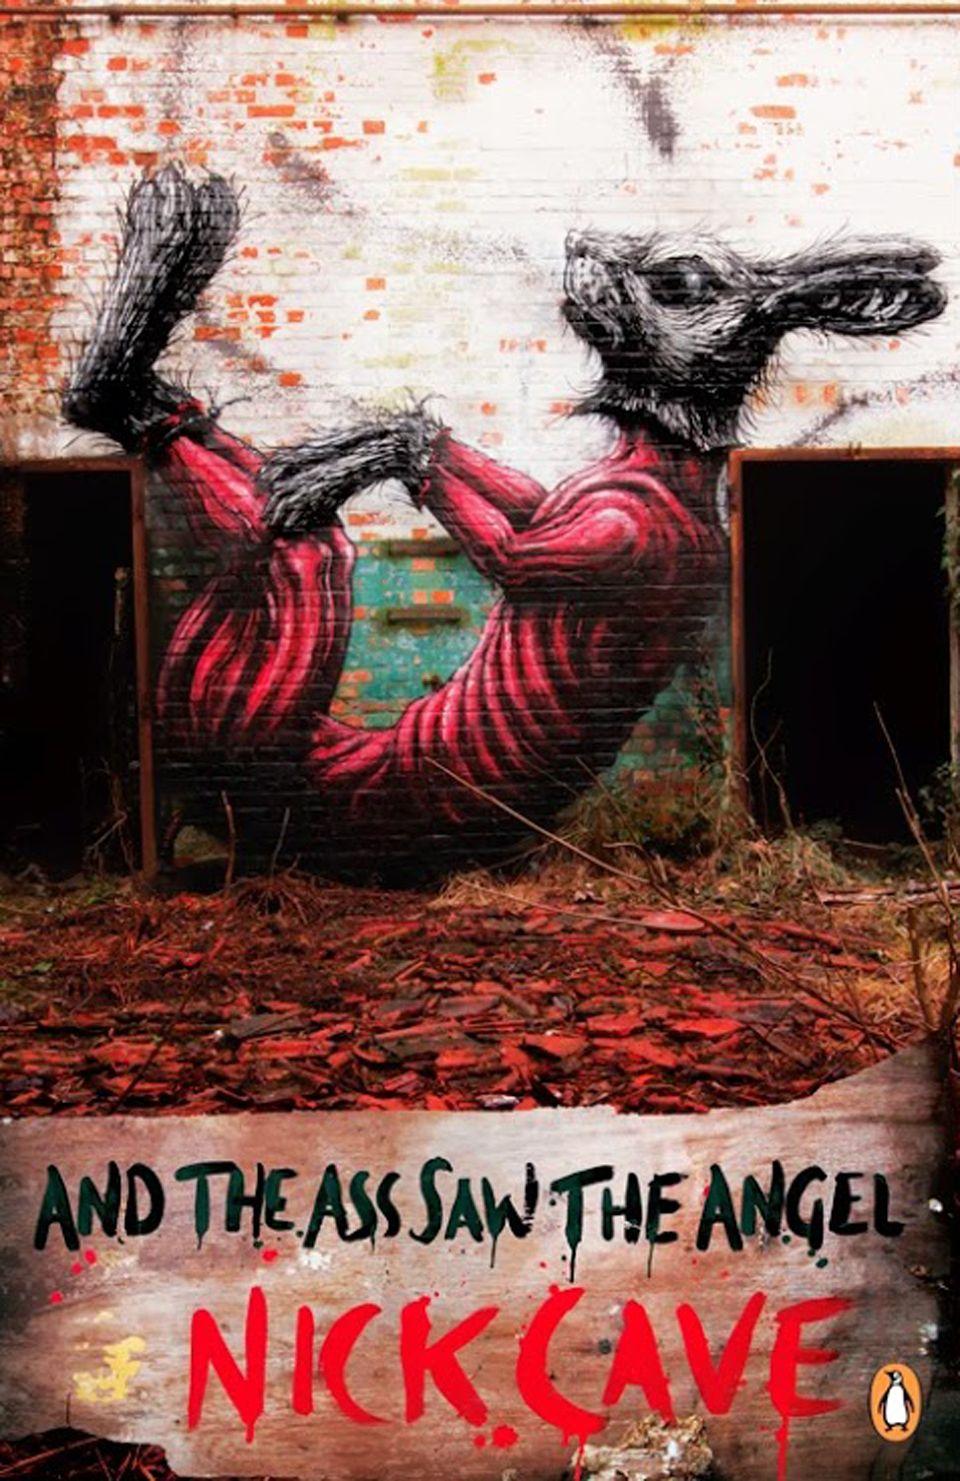 Penguin Street Art transforma arte de rua em capas de livros